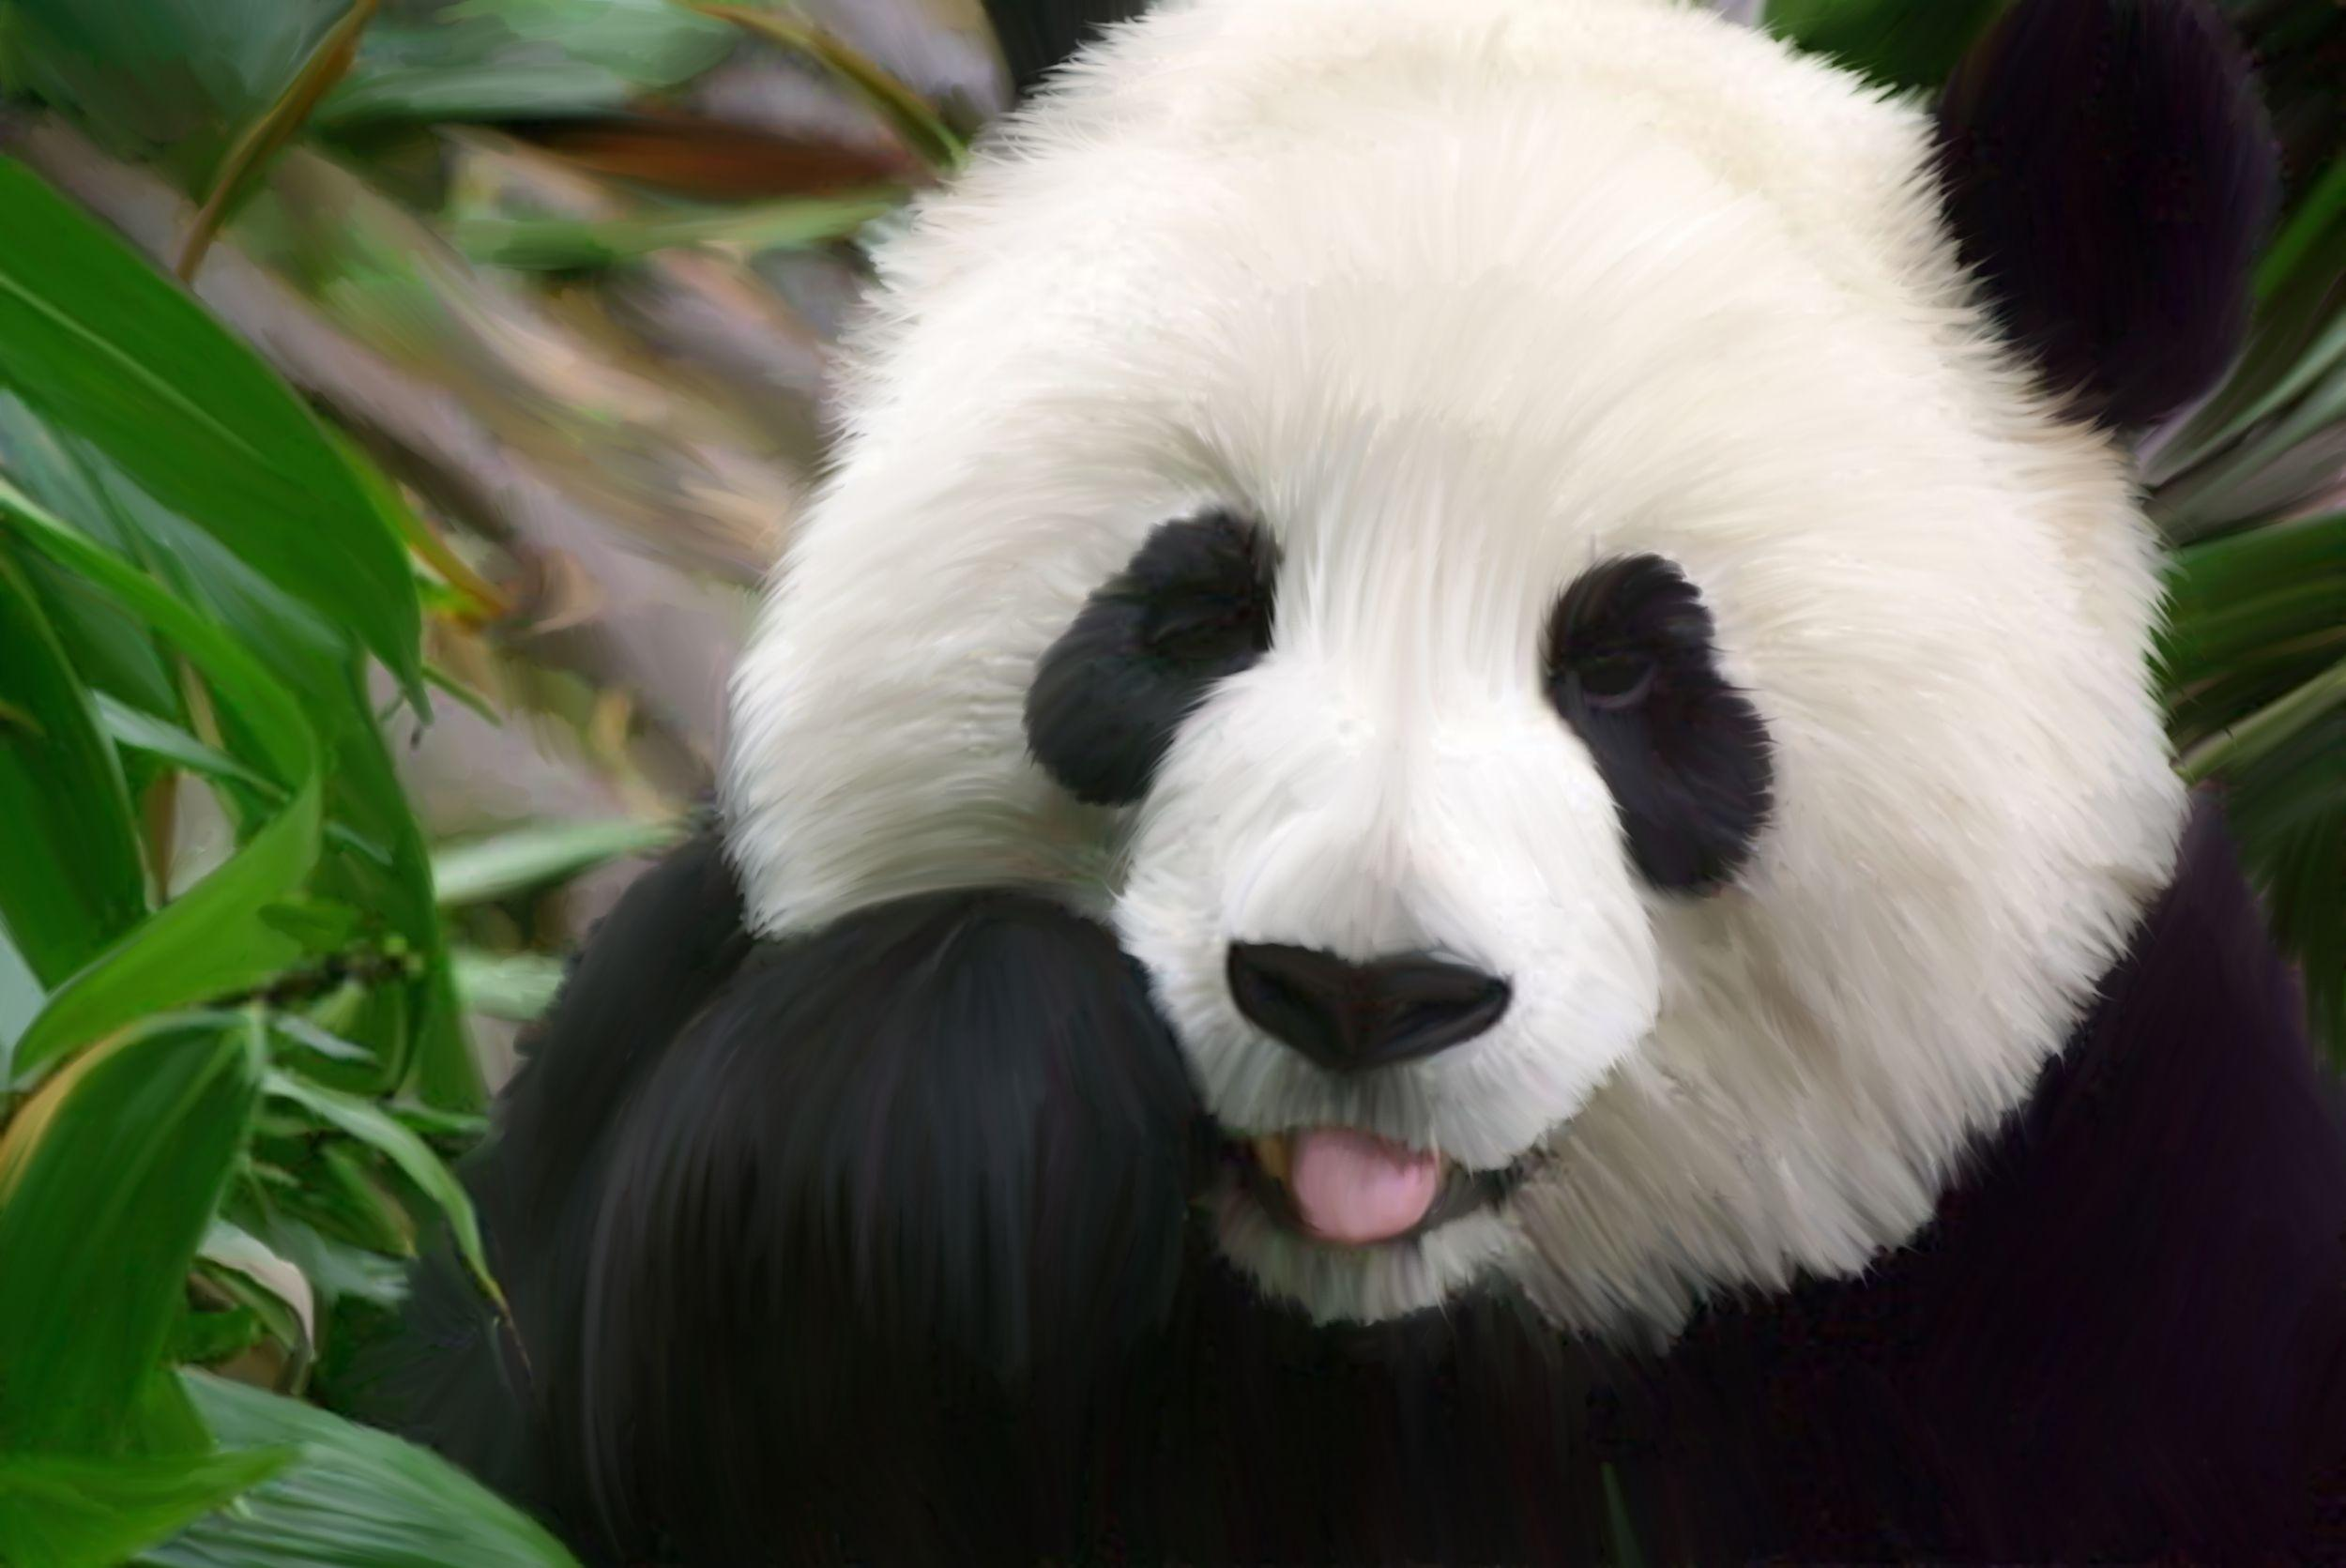 Cute Baby Panda Wallpapers Wallpaper Cave